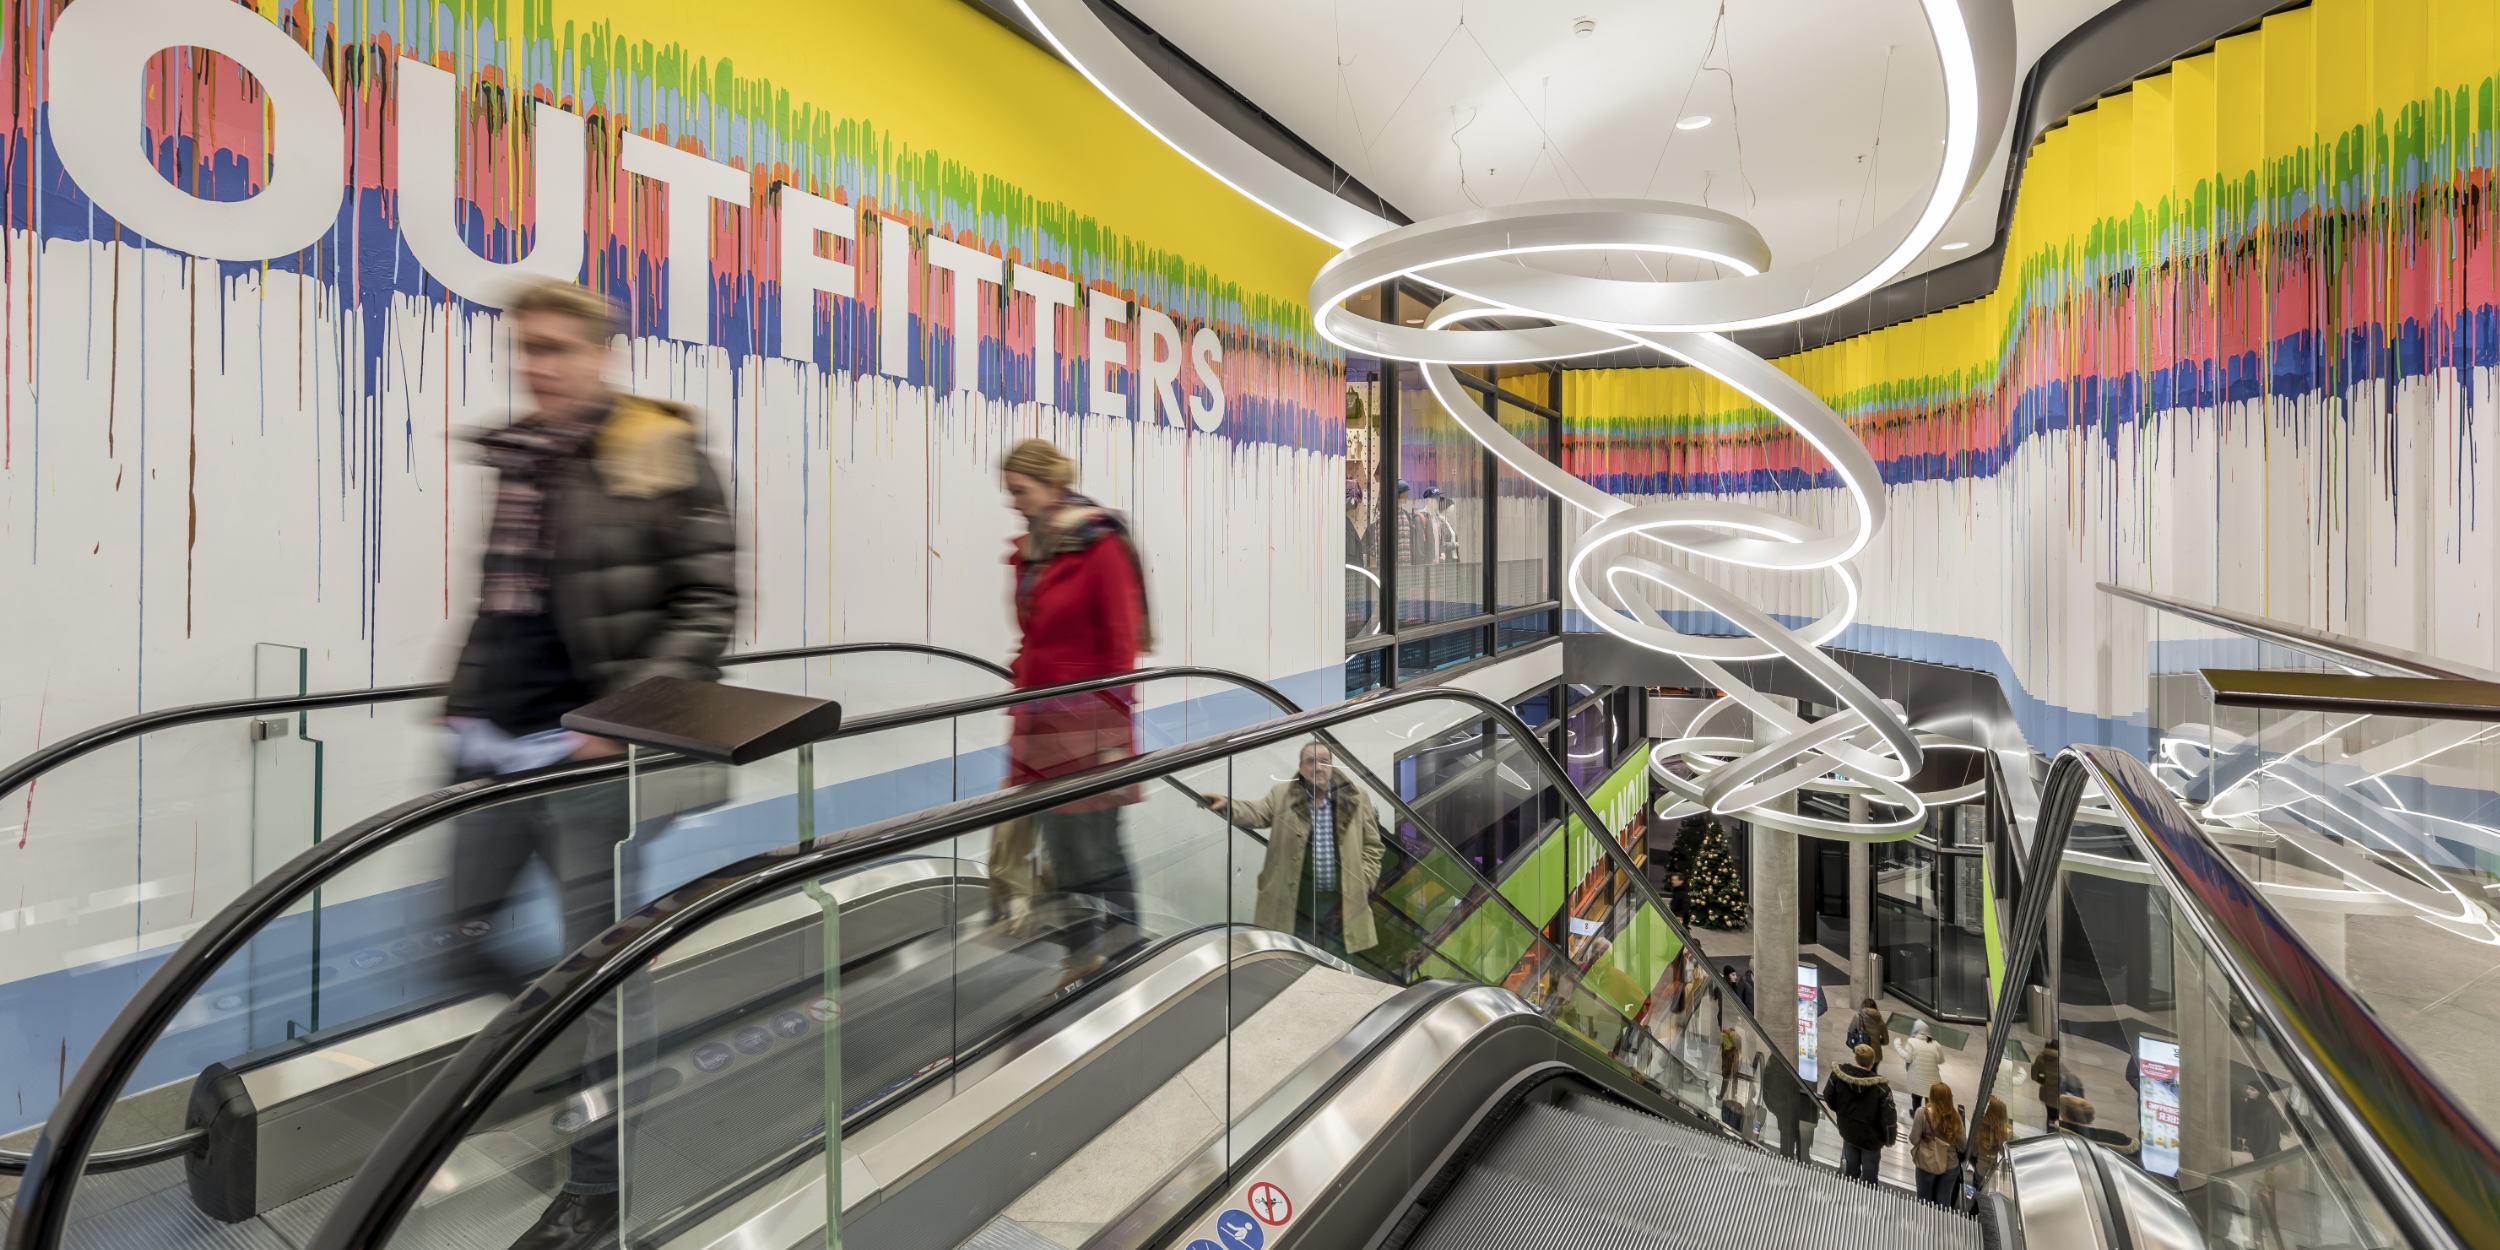 Architekturfotografie Stuttgart und Umgebung Gerber Stuttgart Aussenarchitektur Innenarchitektur Dämmerung Menschenmasse richtige Zeit richtiger Ort